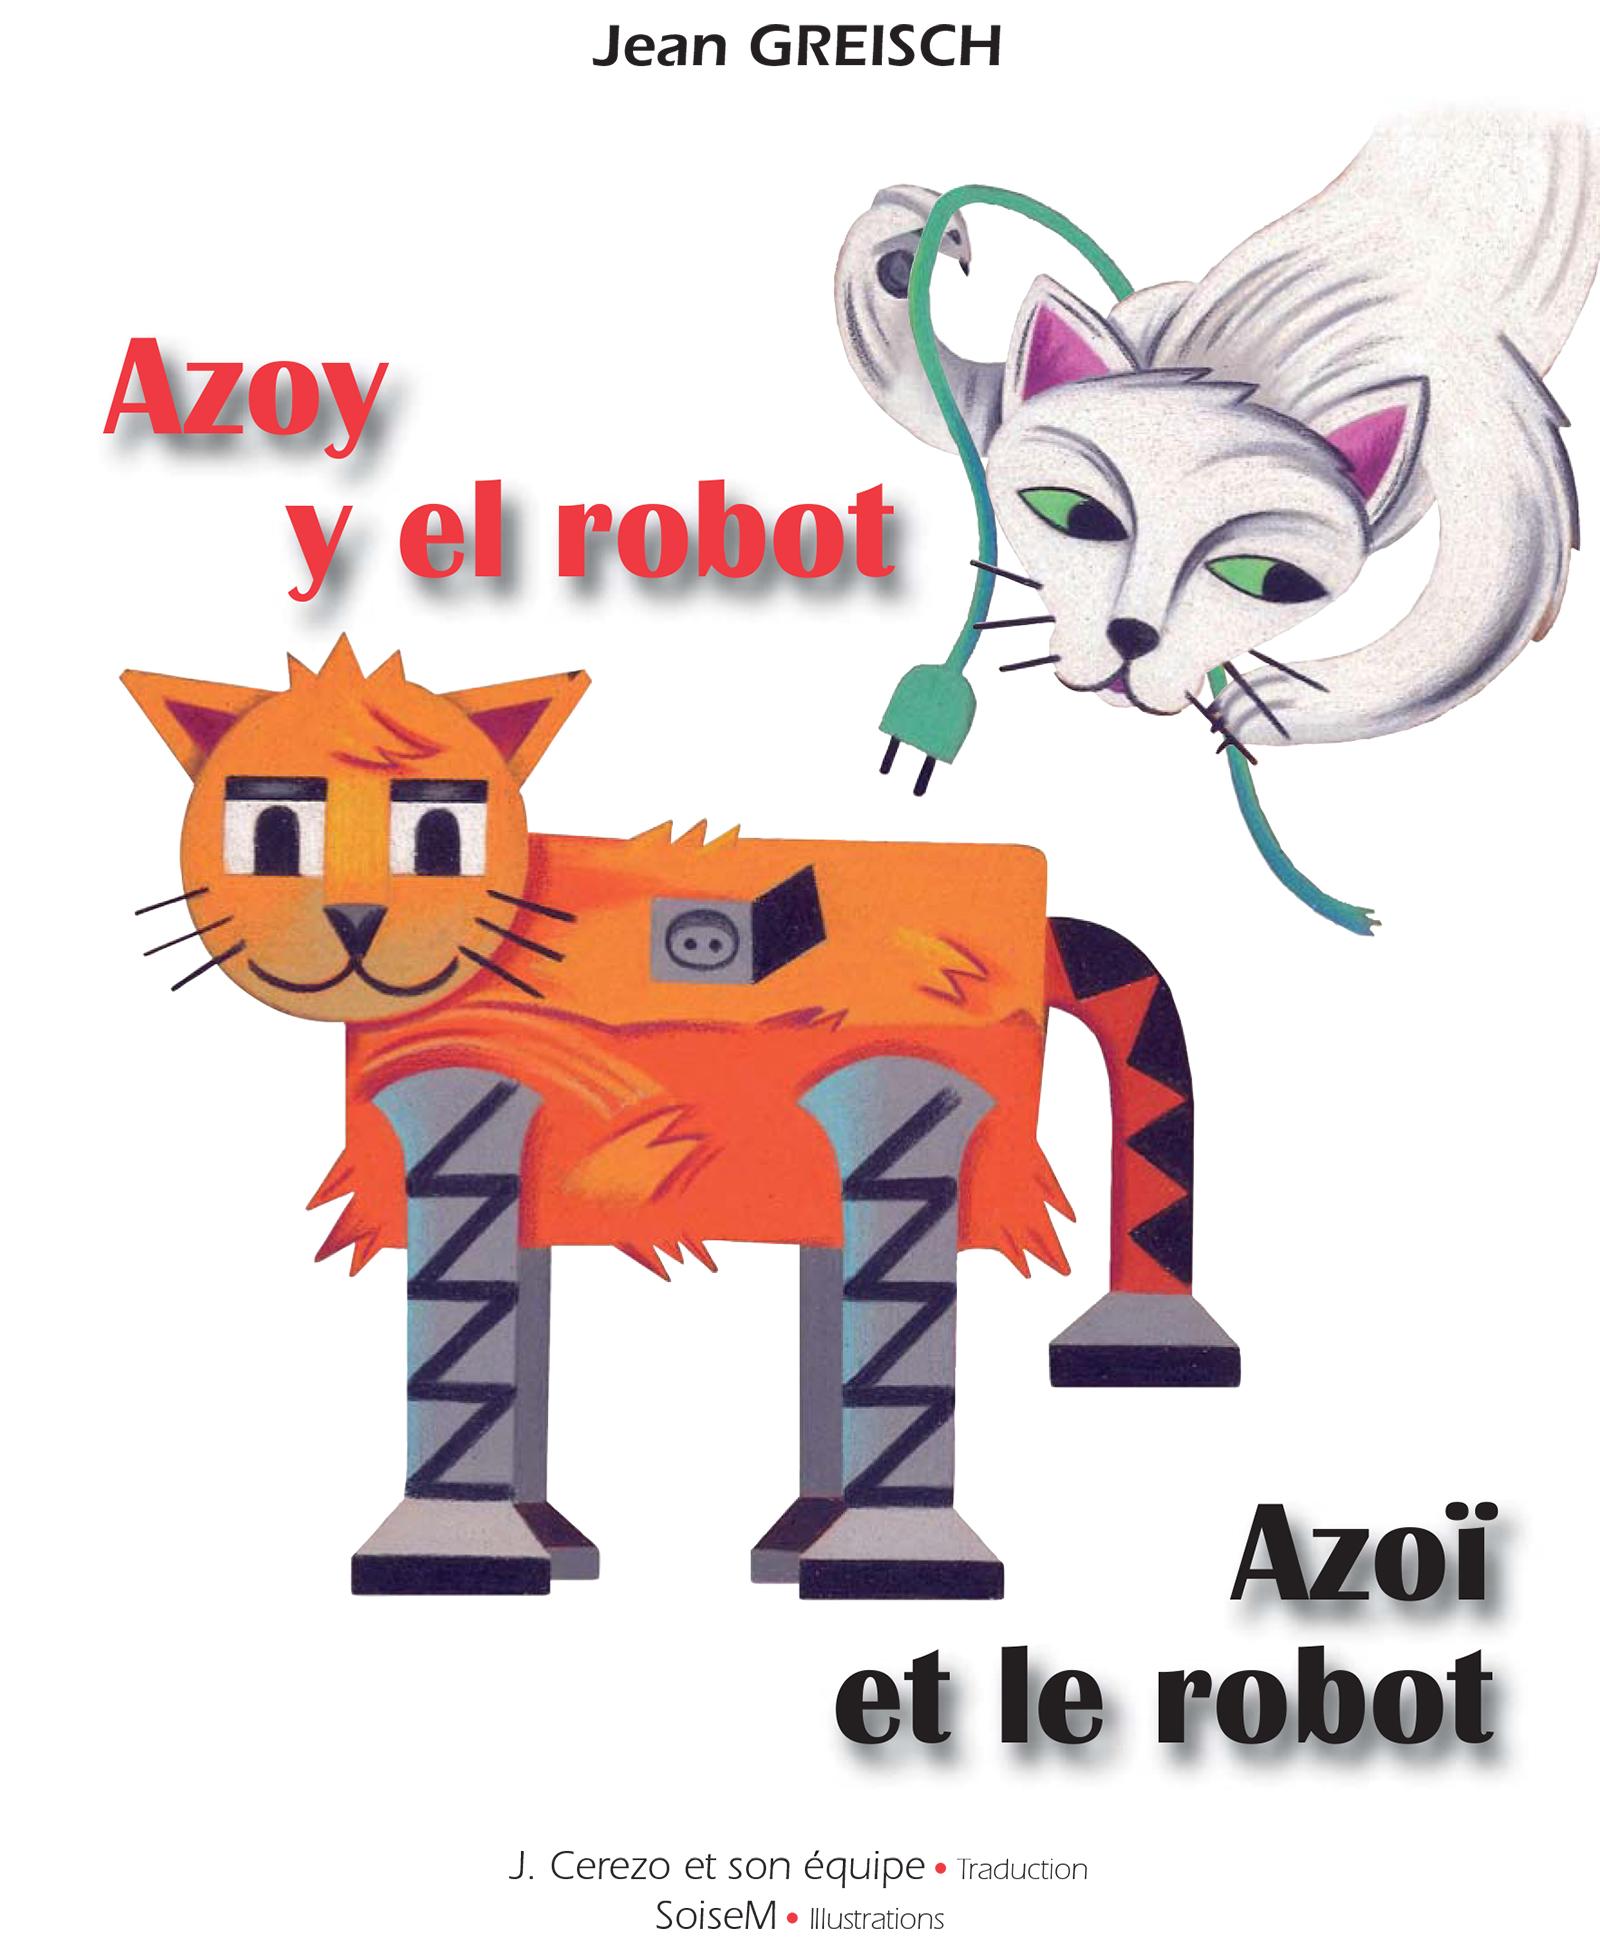 Azoy y el robot / Azoï et le robot, Conte philosophique bilingue français - espagnol